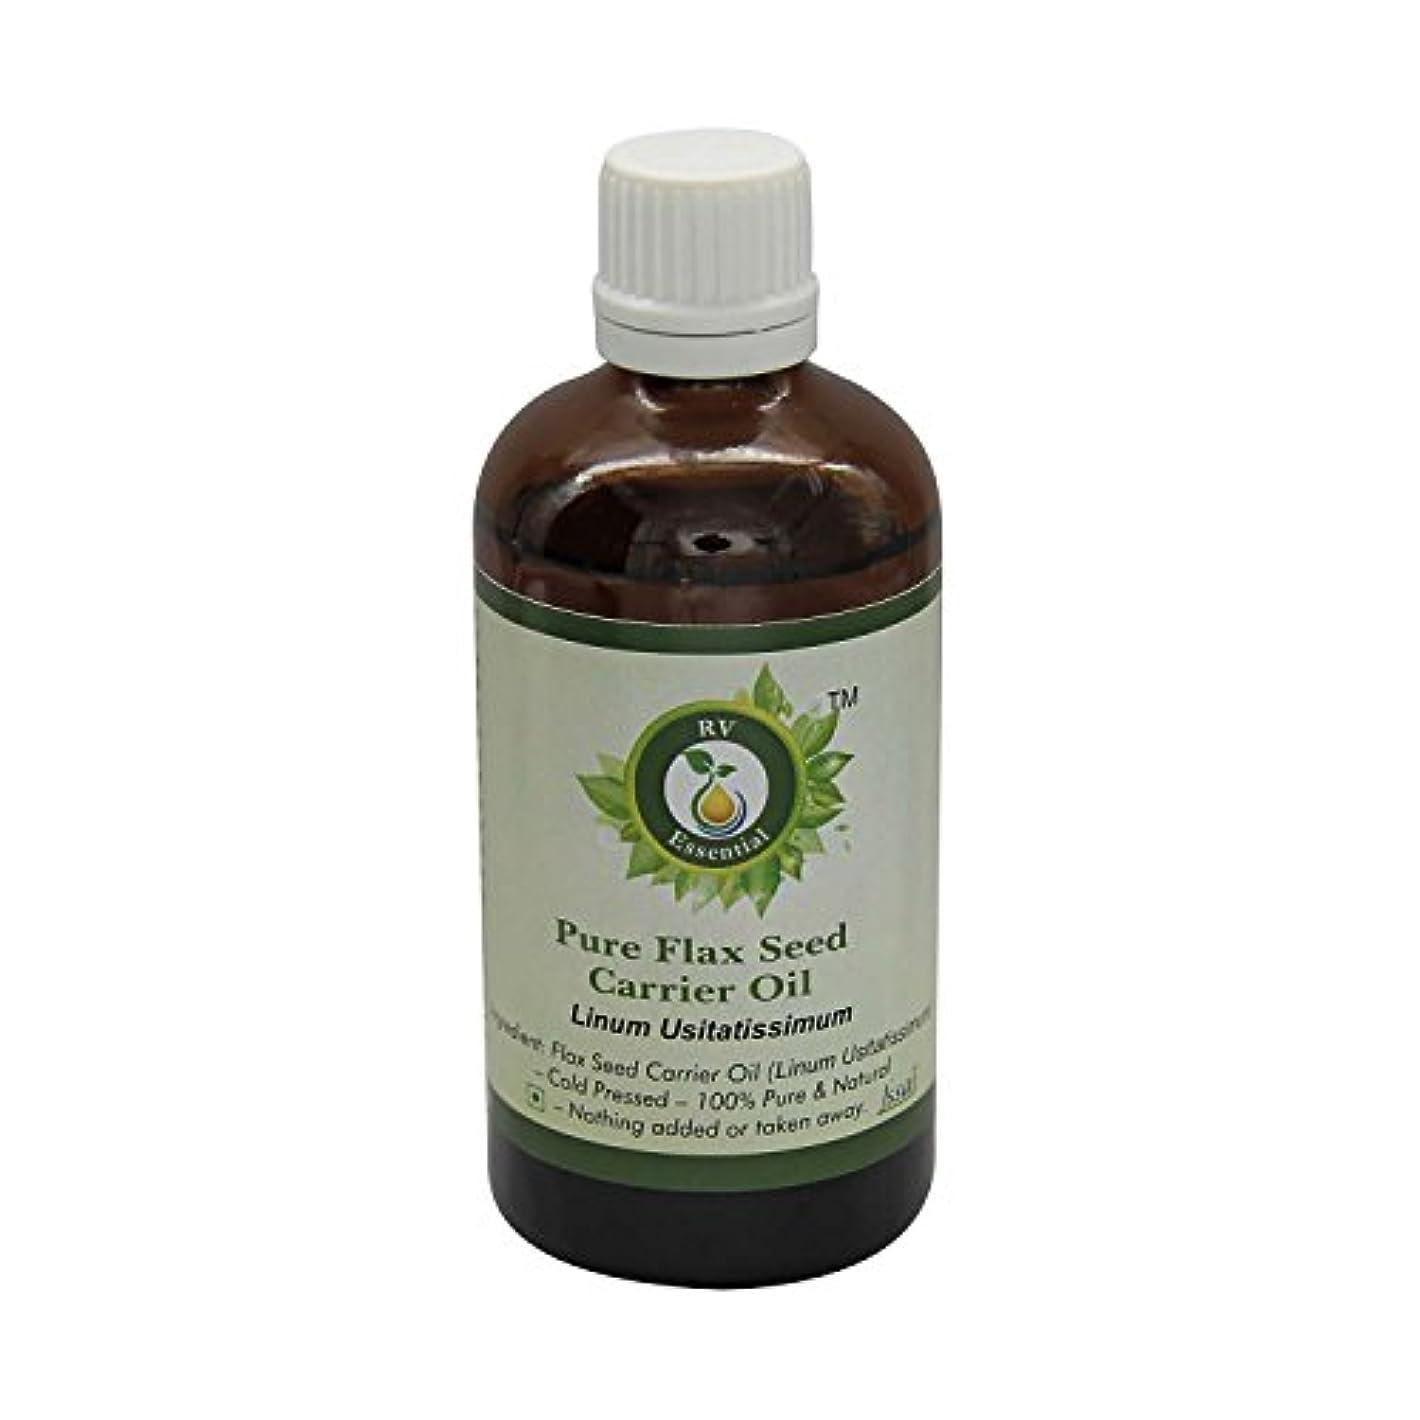 おとなしい退院クックR V Essential 純粋な亜麻シードキャリアオイル50ml (1.69oz)- Linum Usitatissimum (100%ピュア&ナチュラルコールドPressed) Pure Flax Seed Carrier...